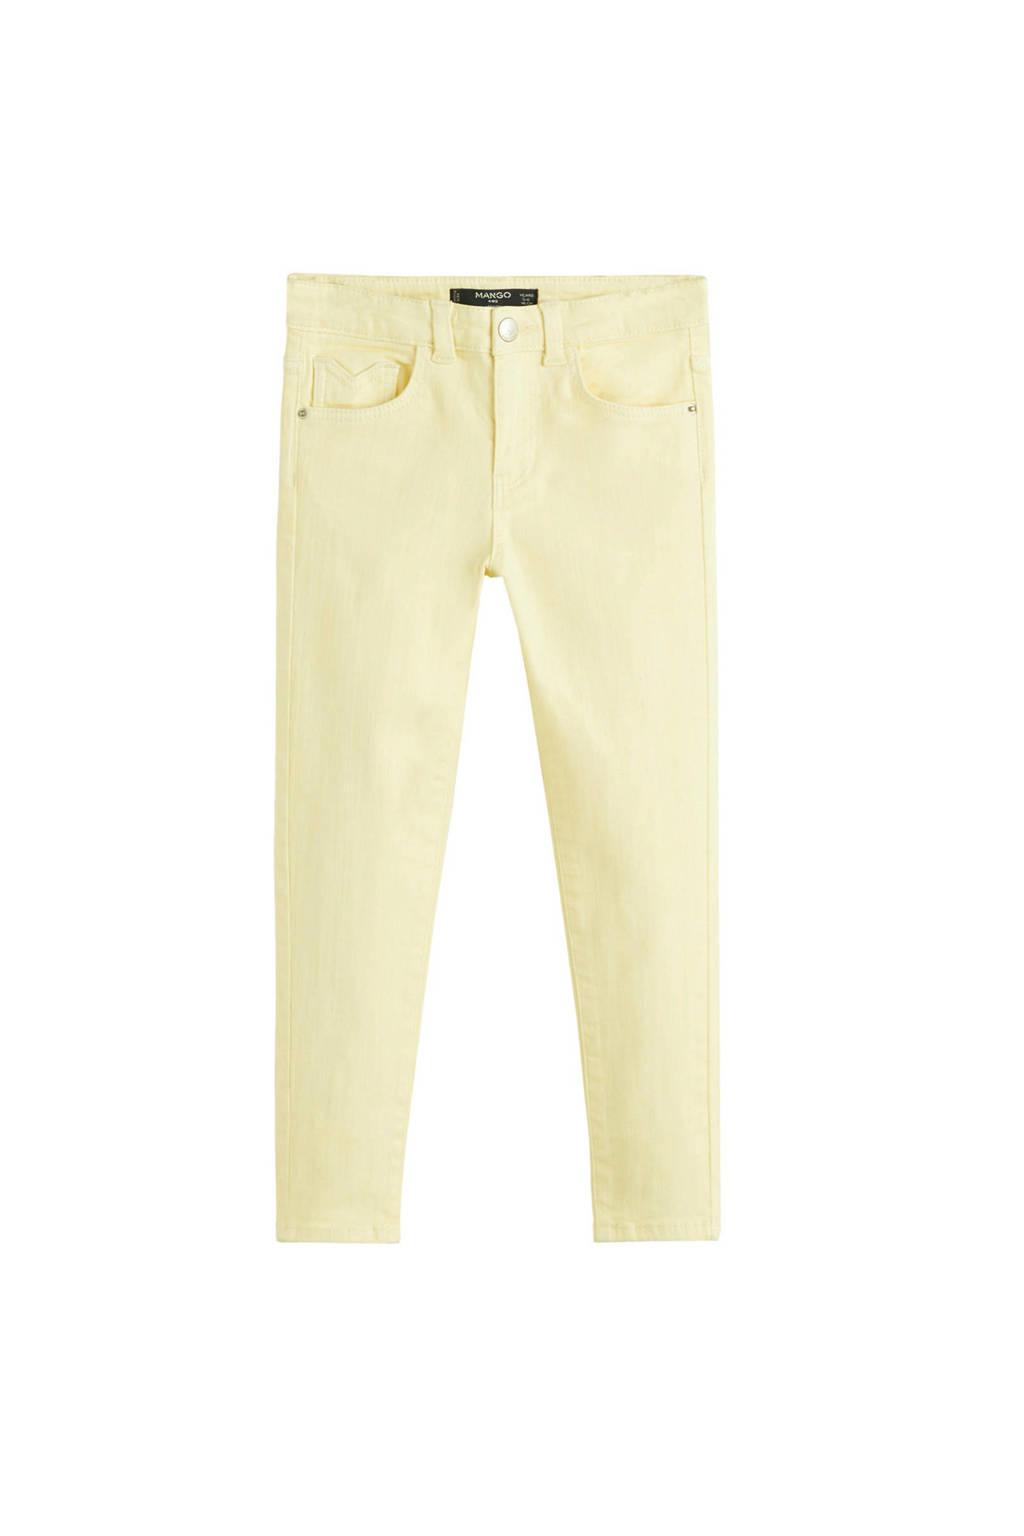 Mango Kids skinny jeans geel, Geel